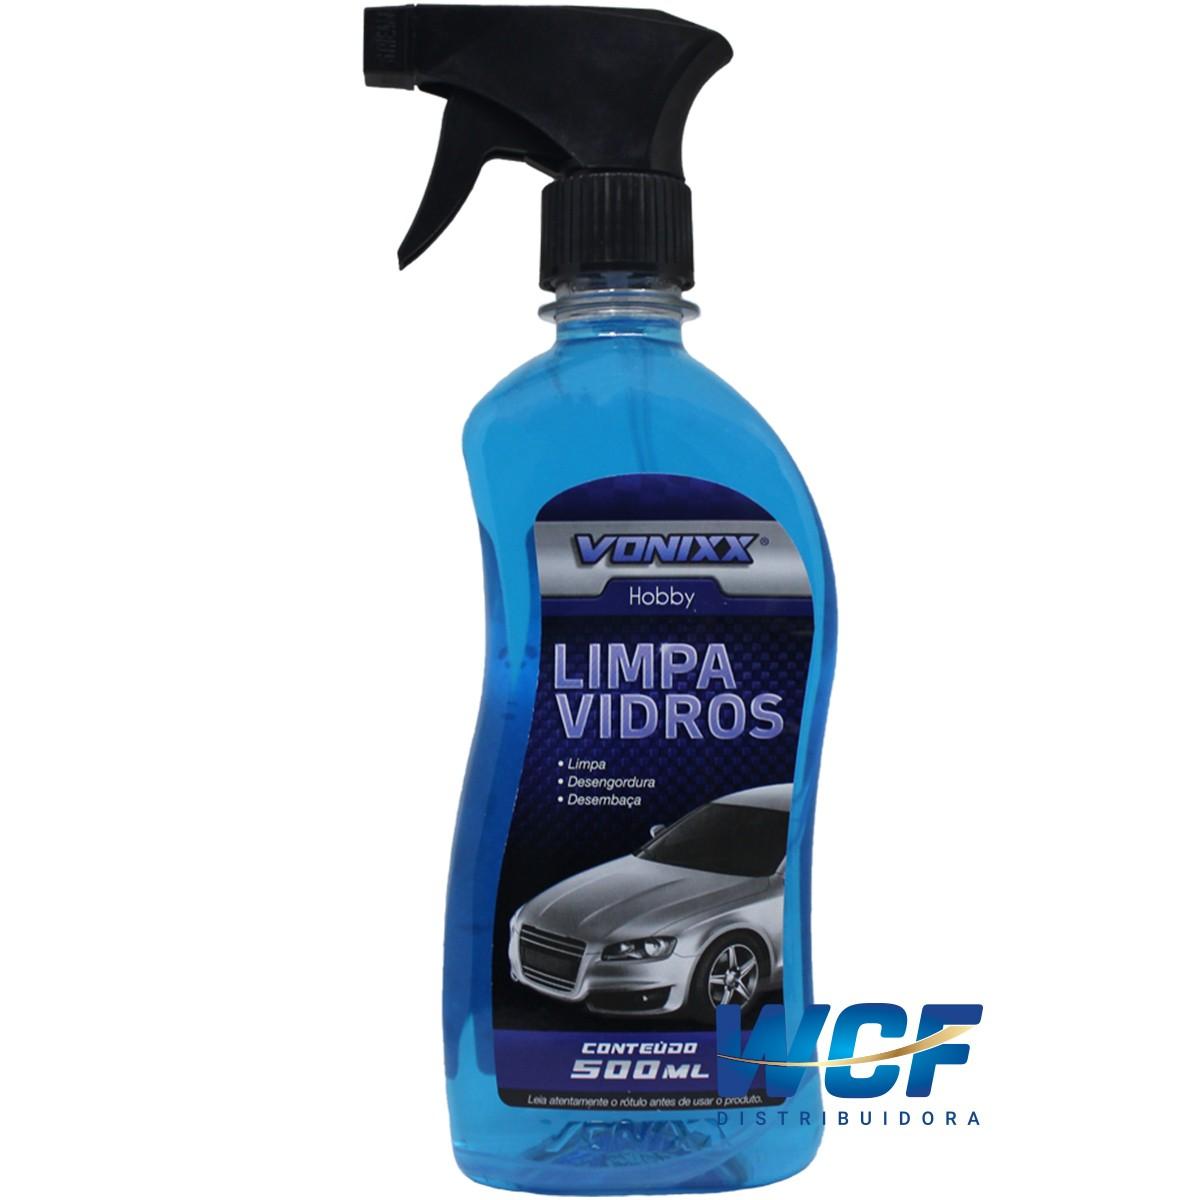 VONIXX LIMPA VIDROS 500 ML